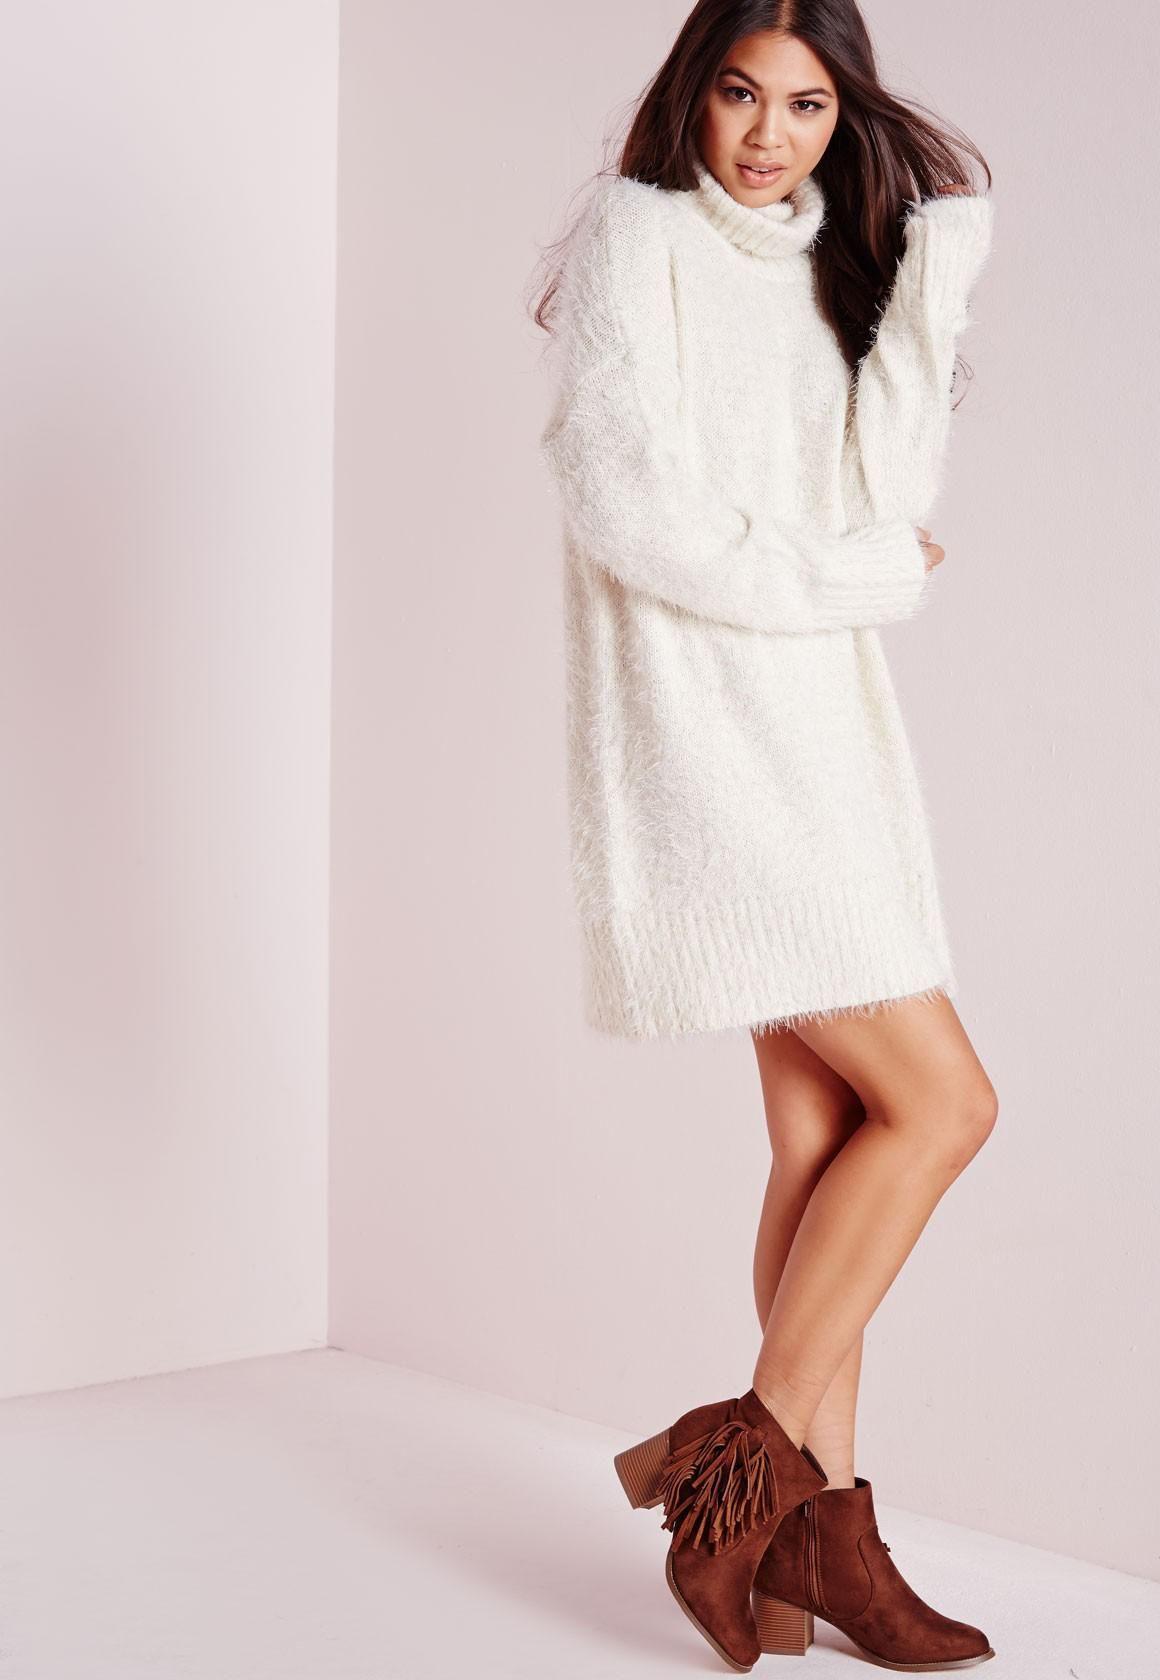 5cc695fdc90 La robe-pull en laine poilue blanche col roulé de Missguided à 39